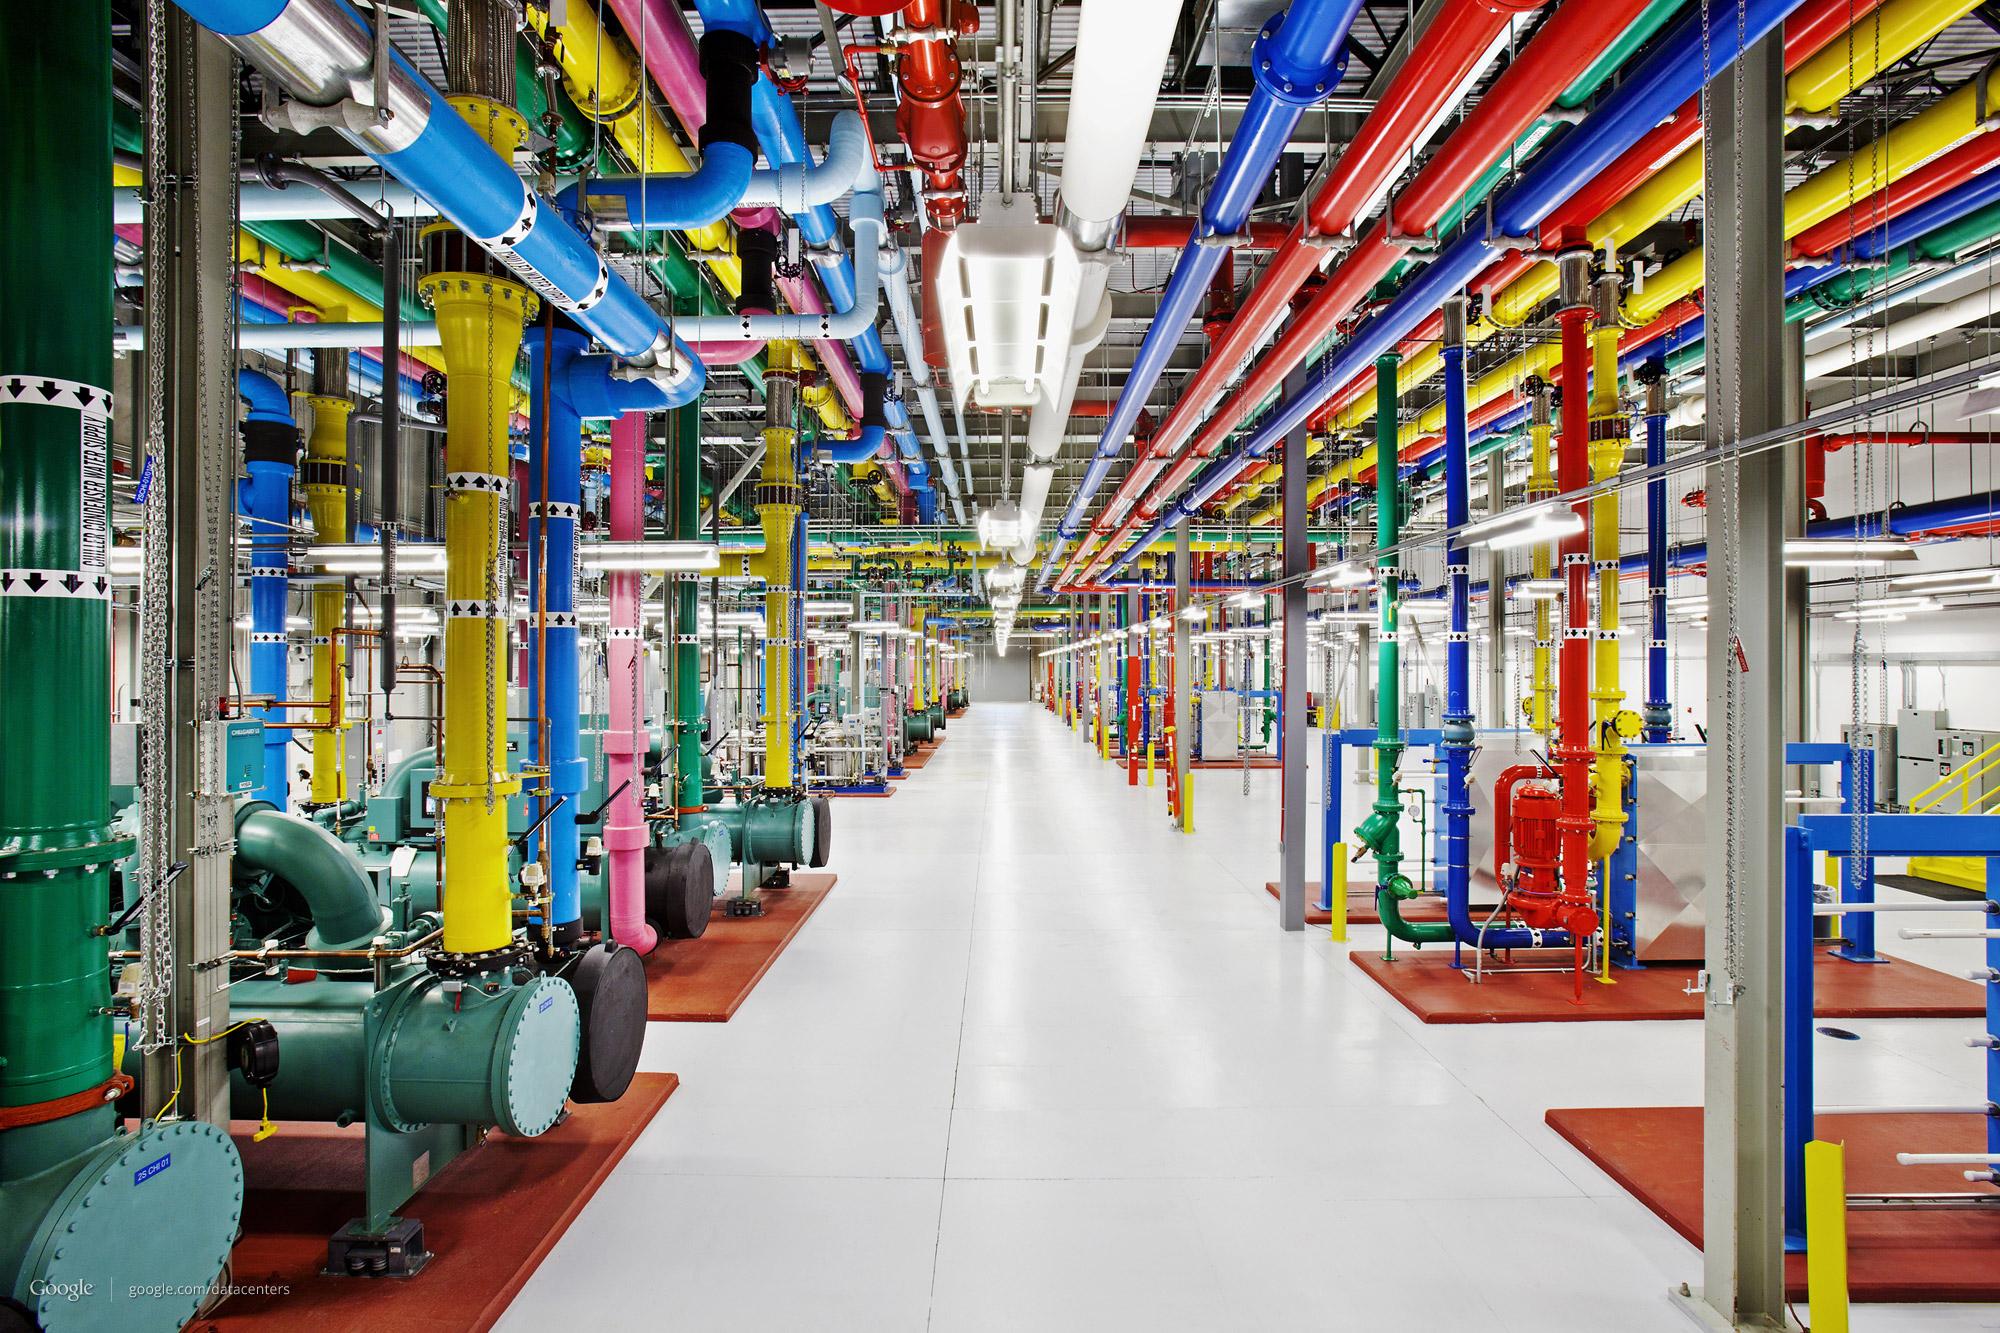 en belgique le datacenter de google c 39 est 120 emplois promis mais 40 postes pourvus. Black Bedroom Furniture Sets. Home Design Ideas